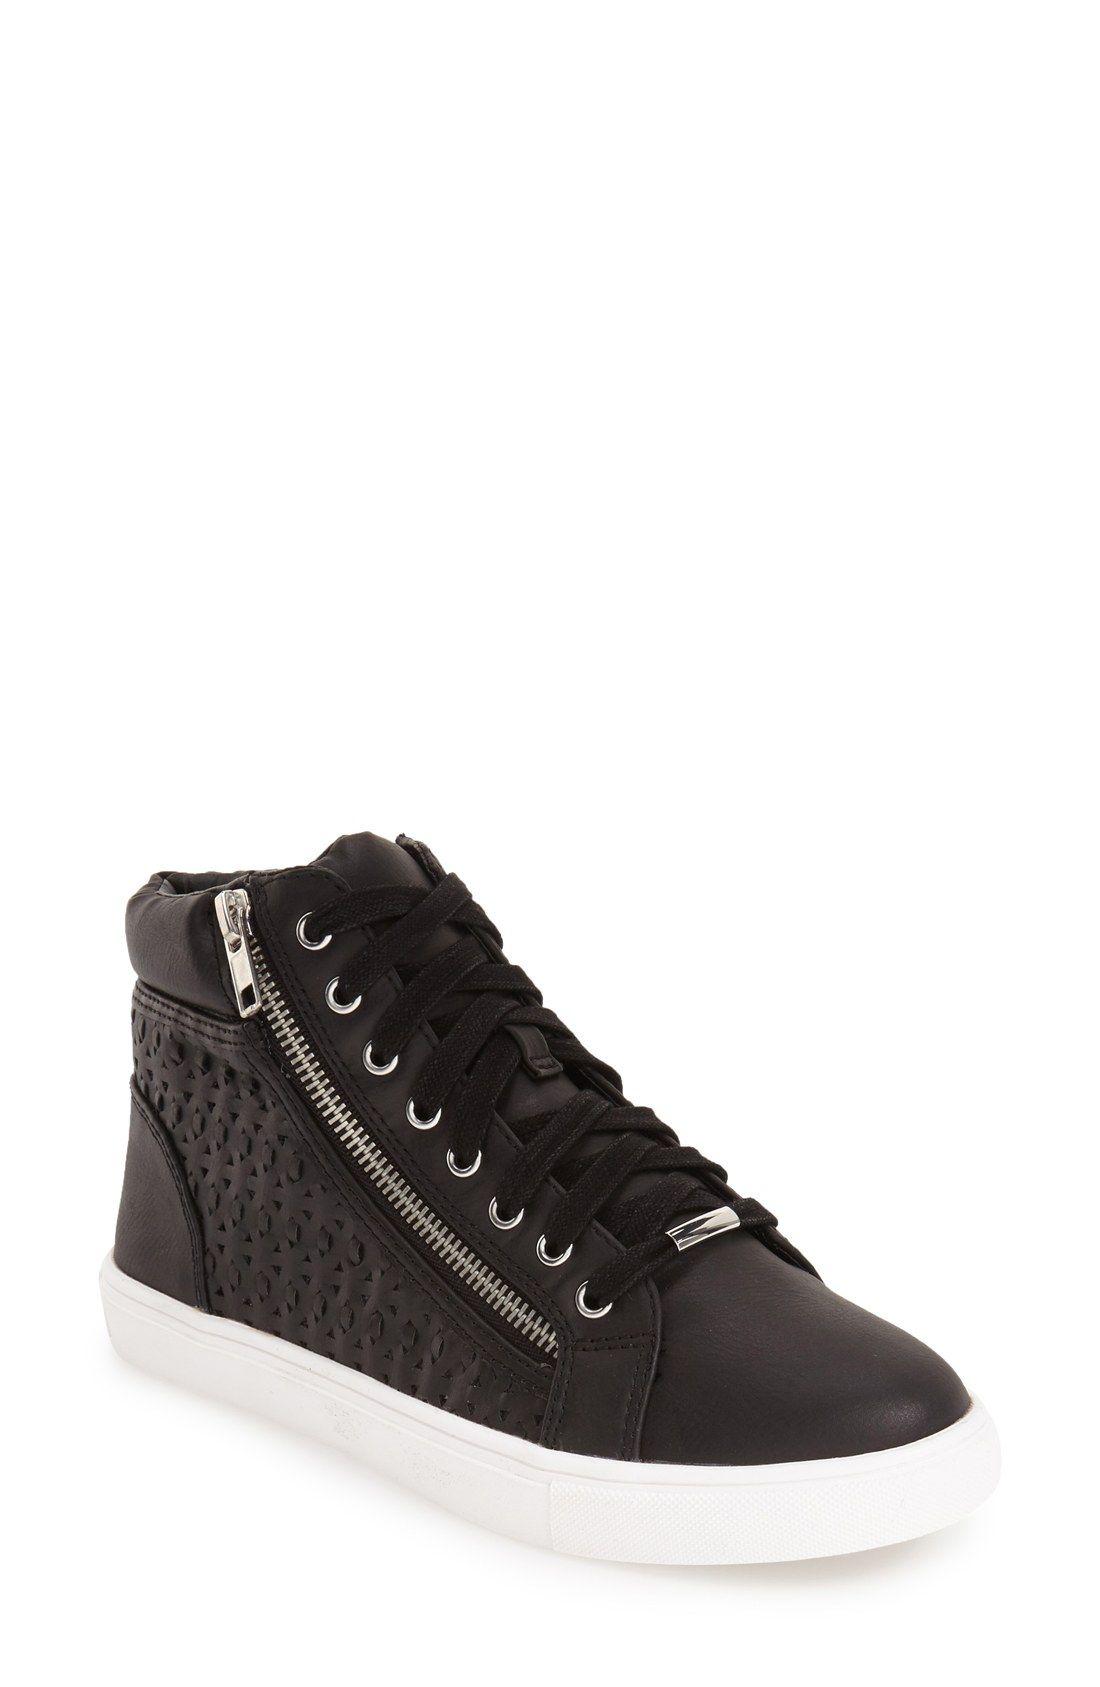 c39464f8a1c  Eiris  Sneaker (Women) New Sneakers